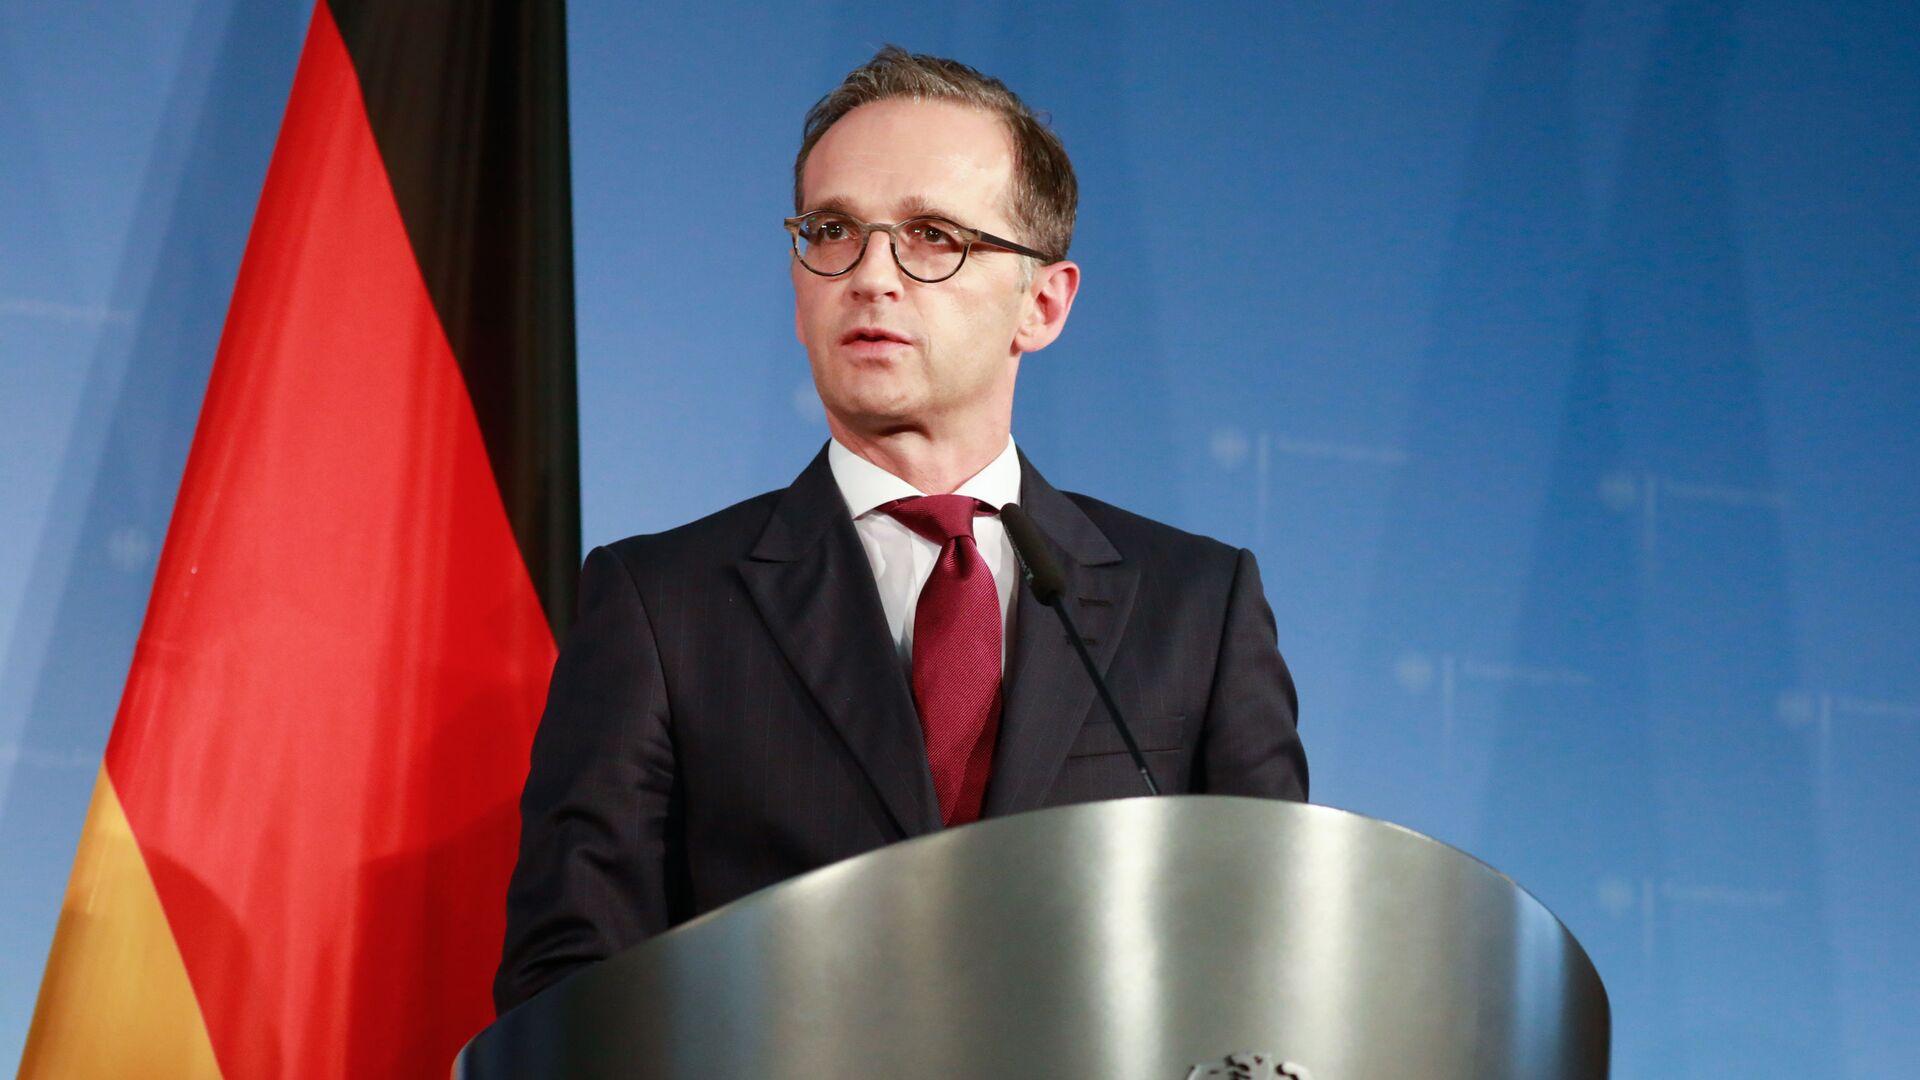 Německý ministr zahraničí Heiko Maas - Sputnik Česká republika, 1920, 22.02.2021